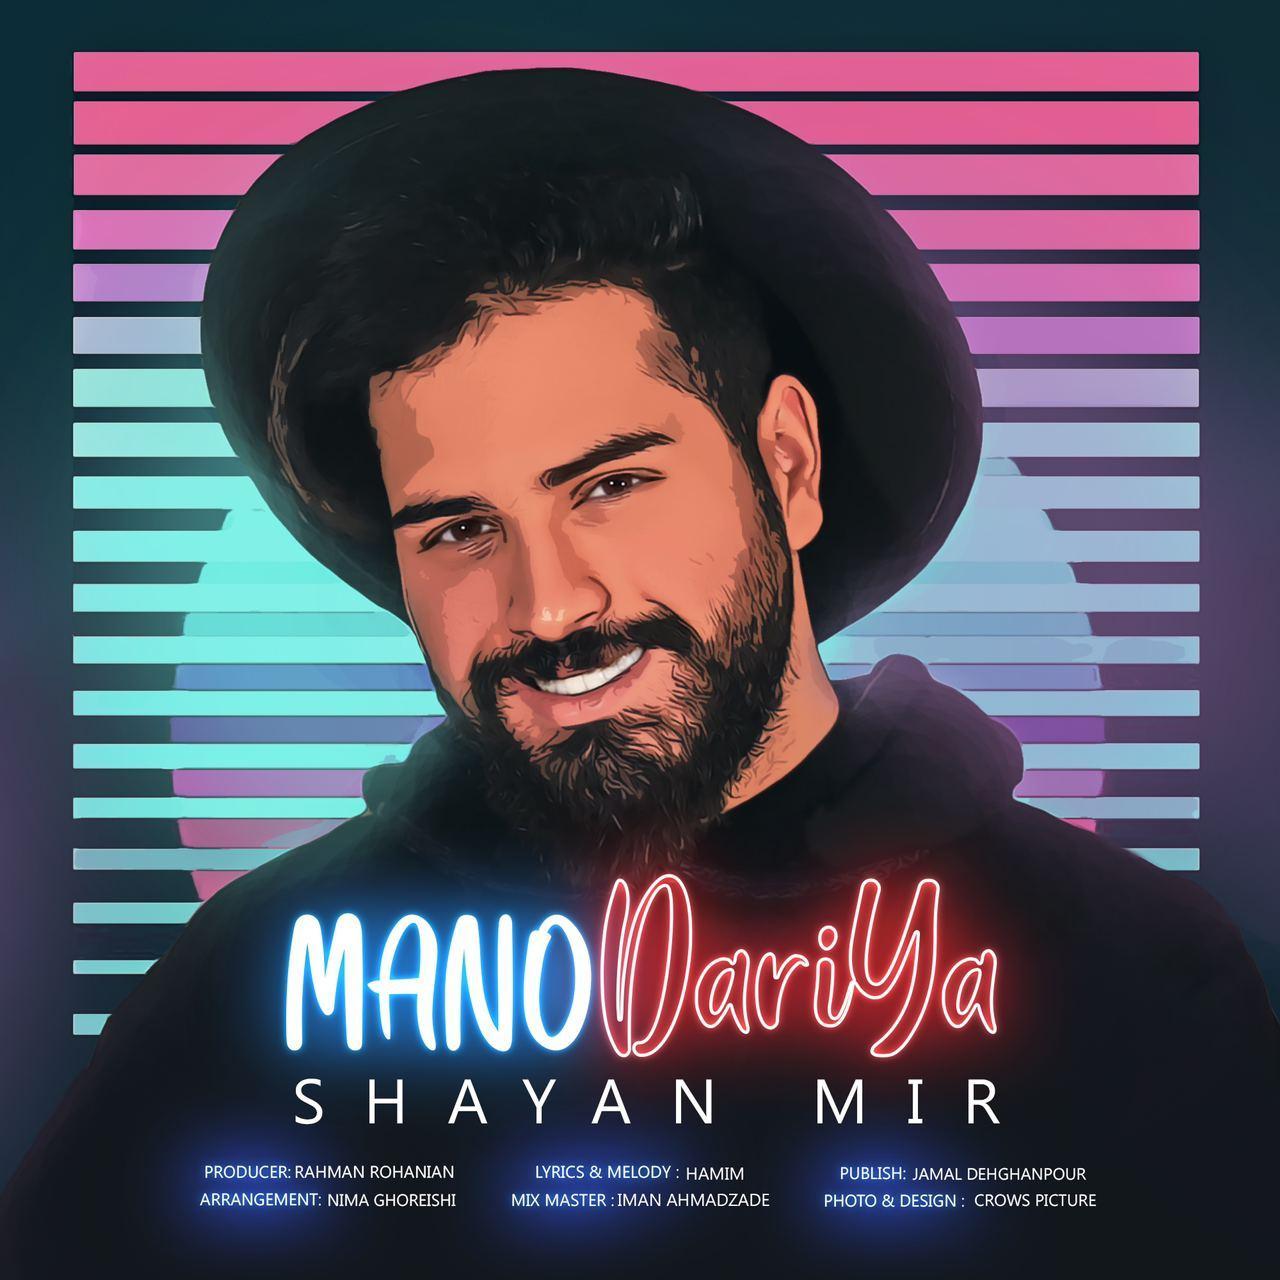 Shayan Mir – Mano Dariya